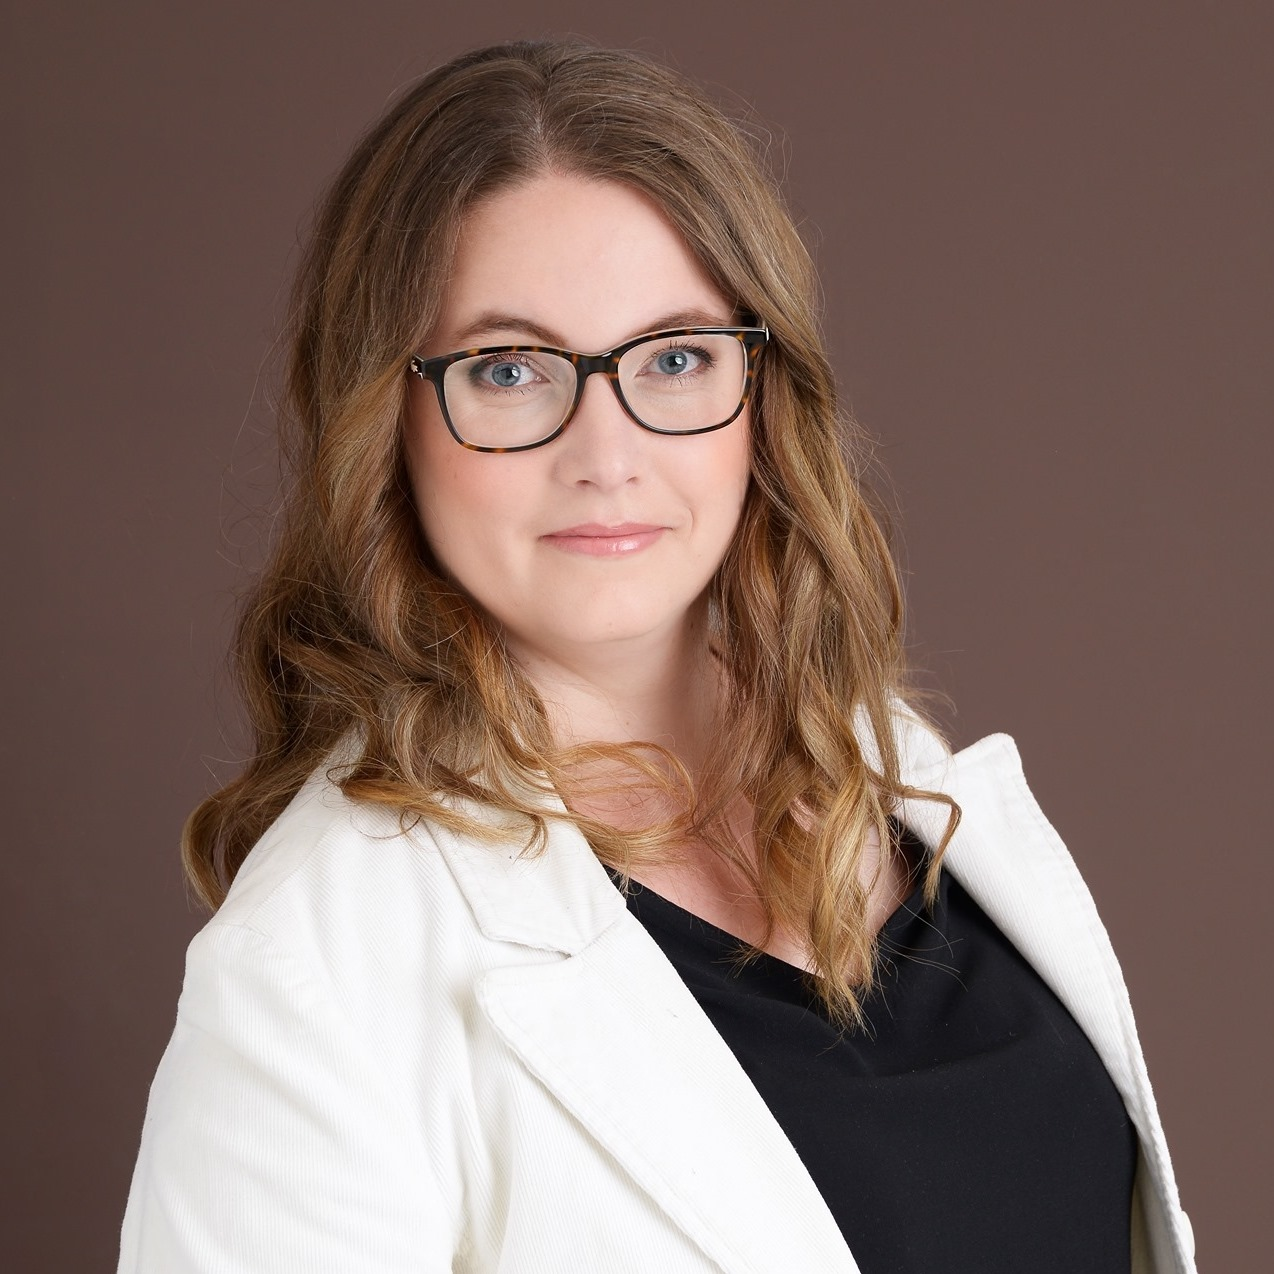 Karen Inge Nielsen